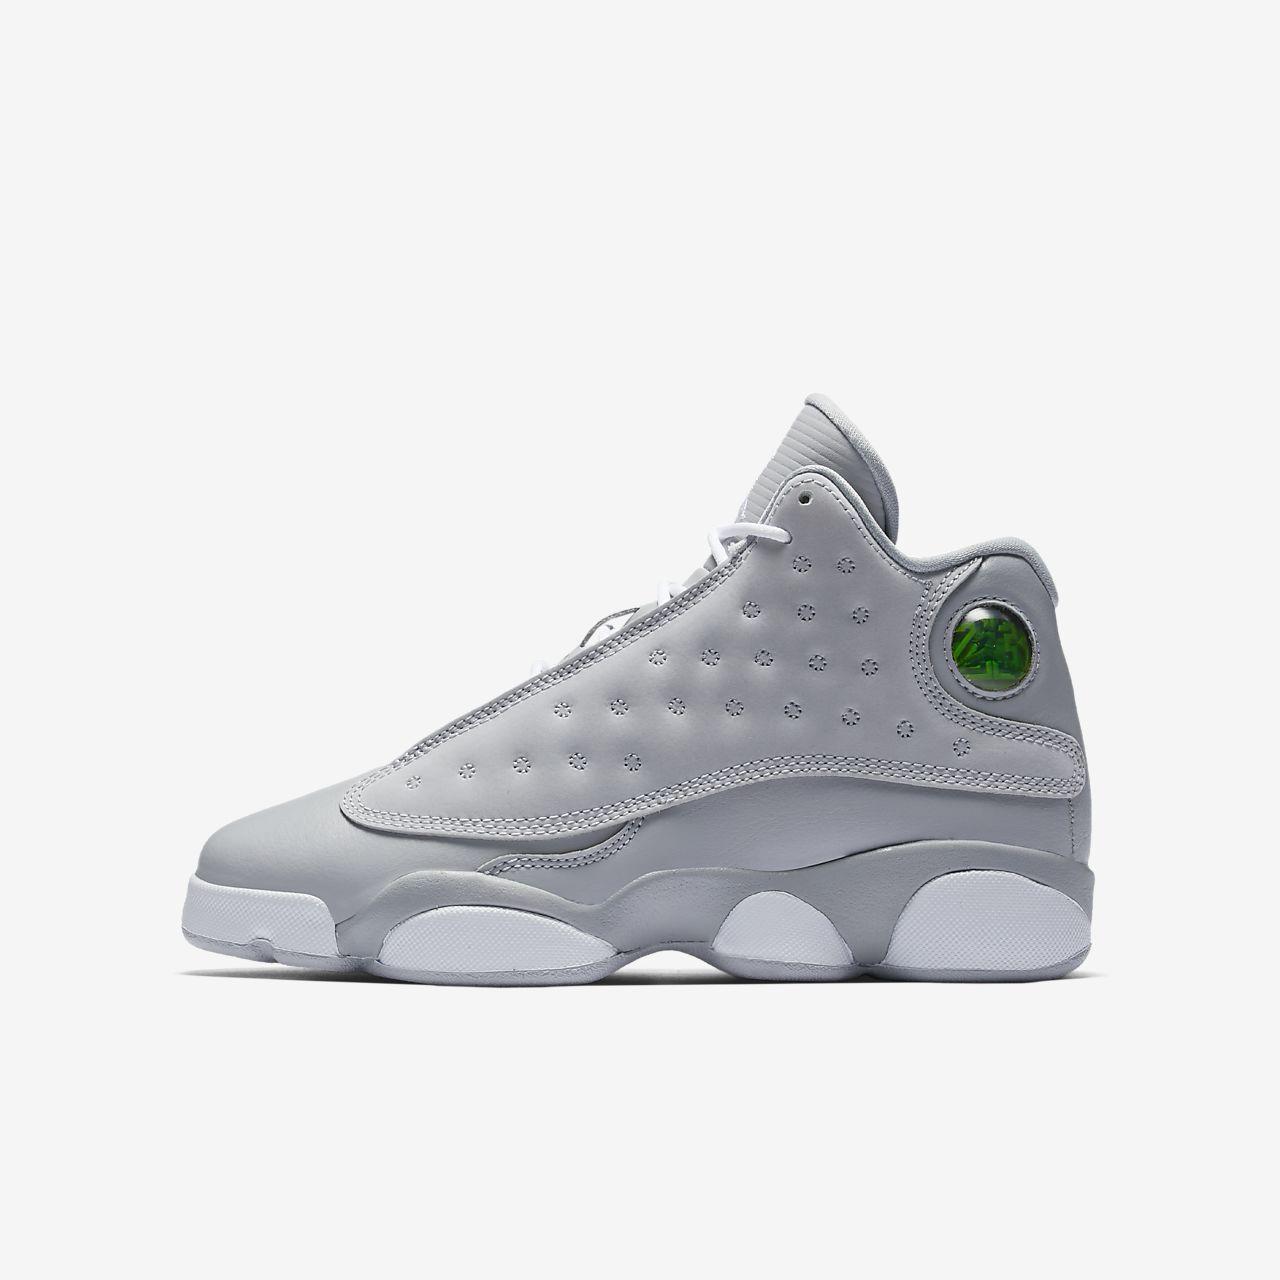 big kids jordan 13 retro sneakers